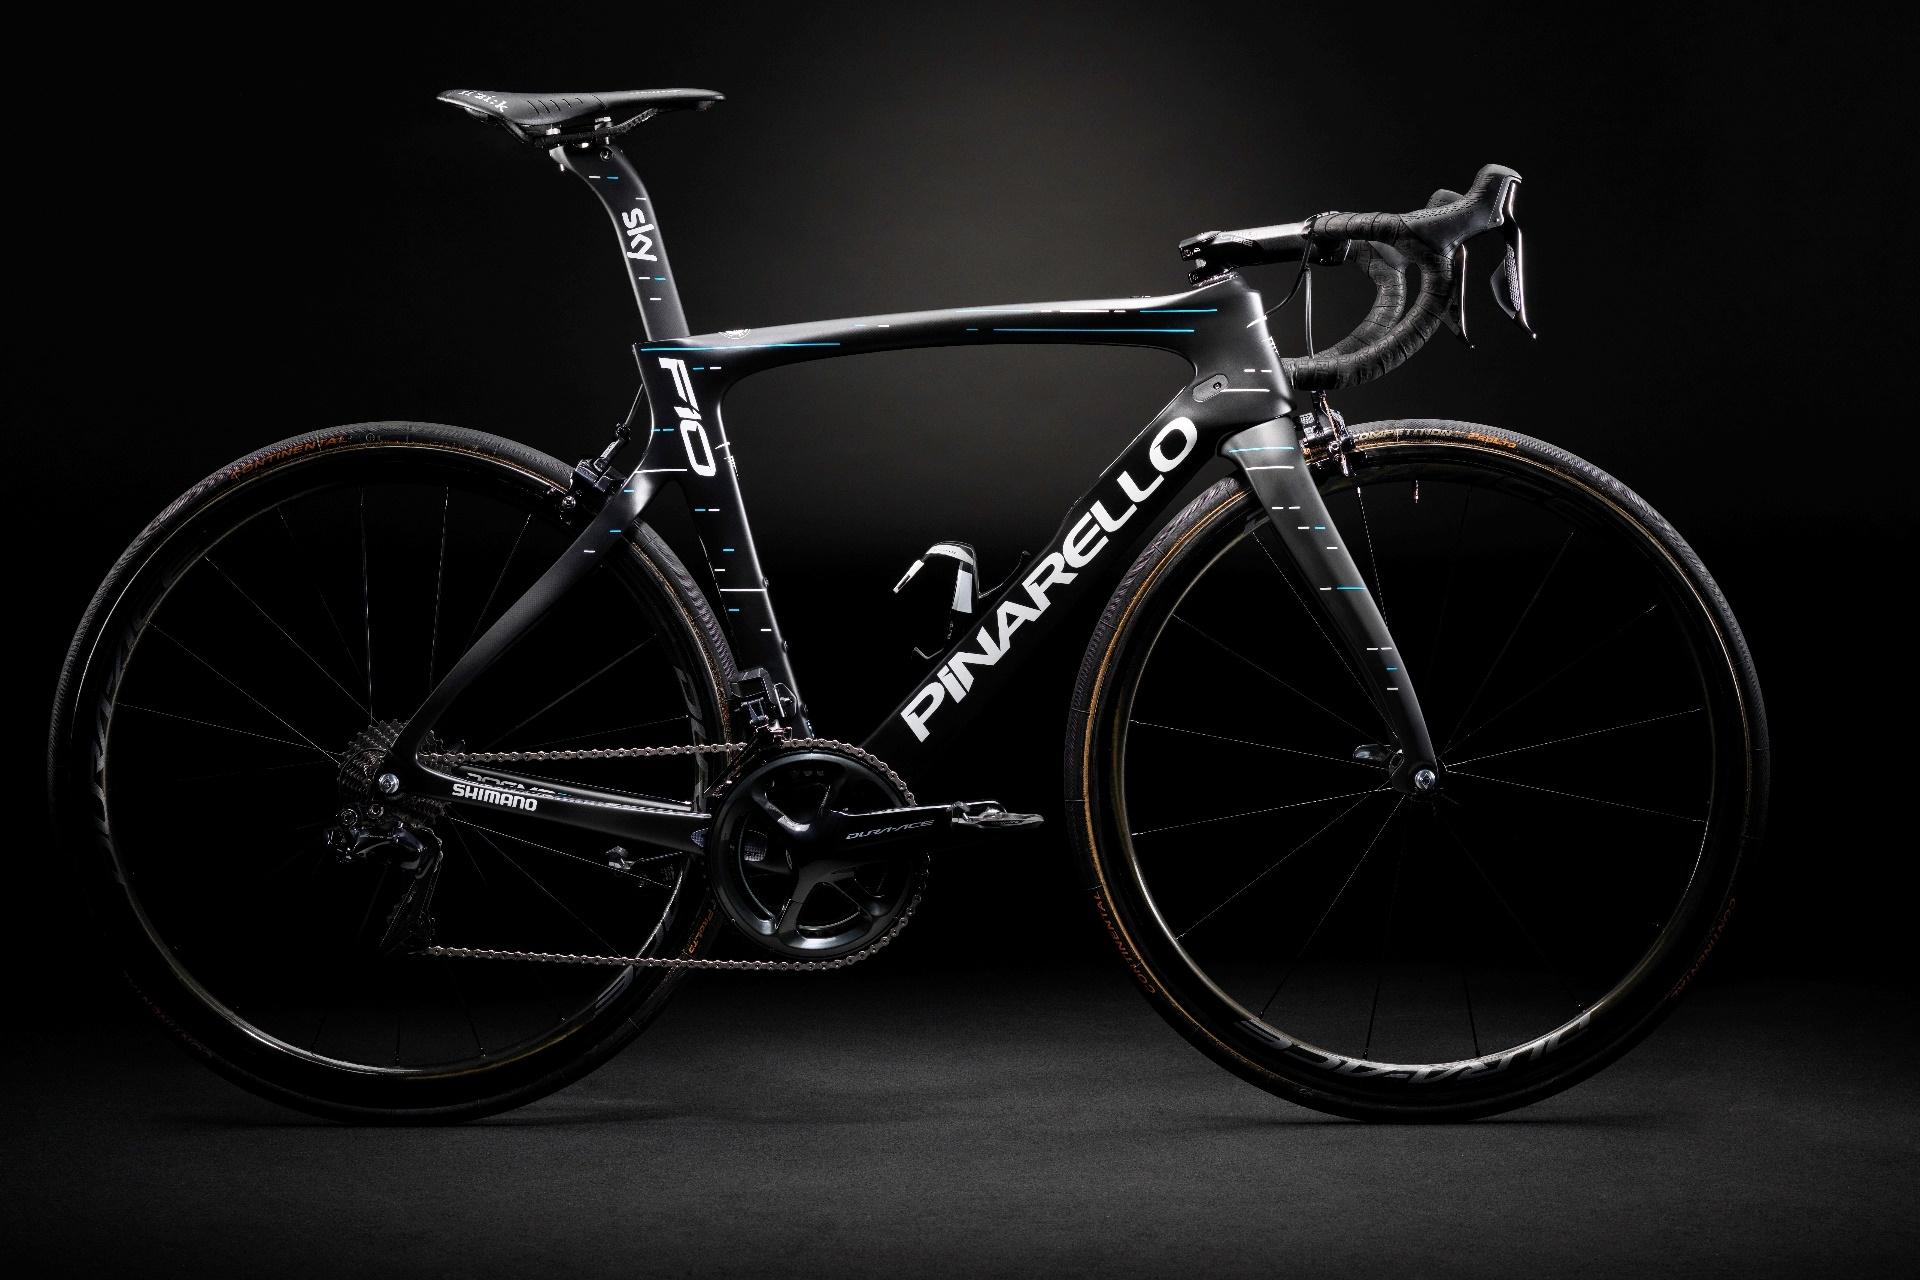 A Team Sky új team kerékpárja, a Pinarello Dogma F10 egyelőre nem létezik tárcsás verzióban